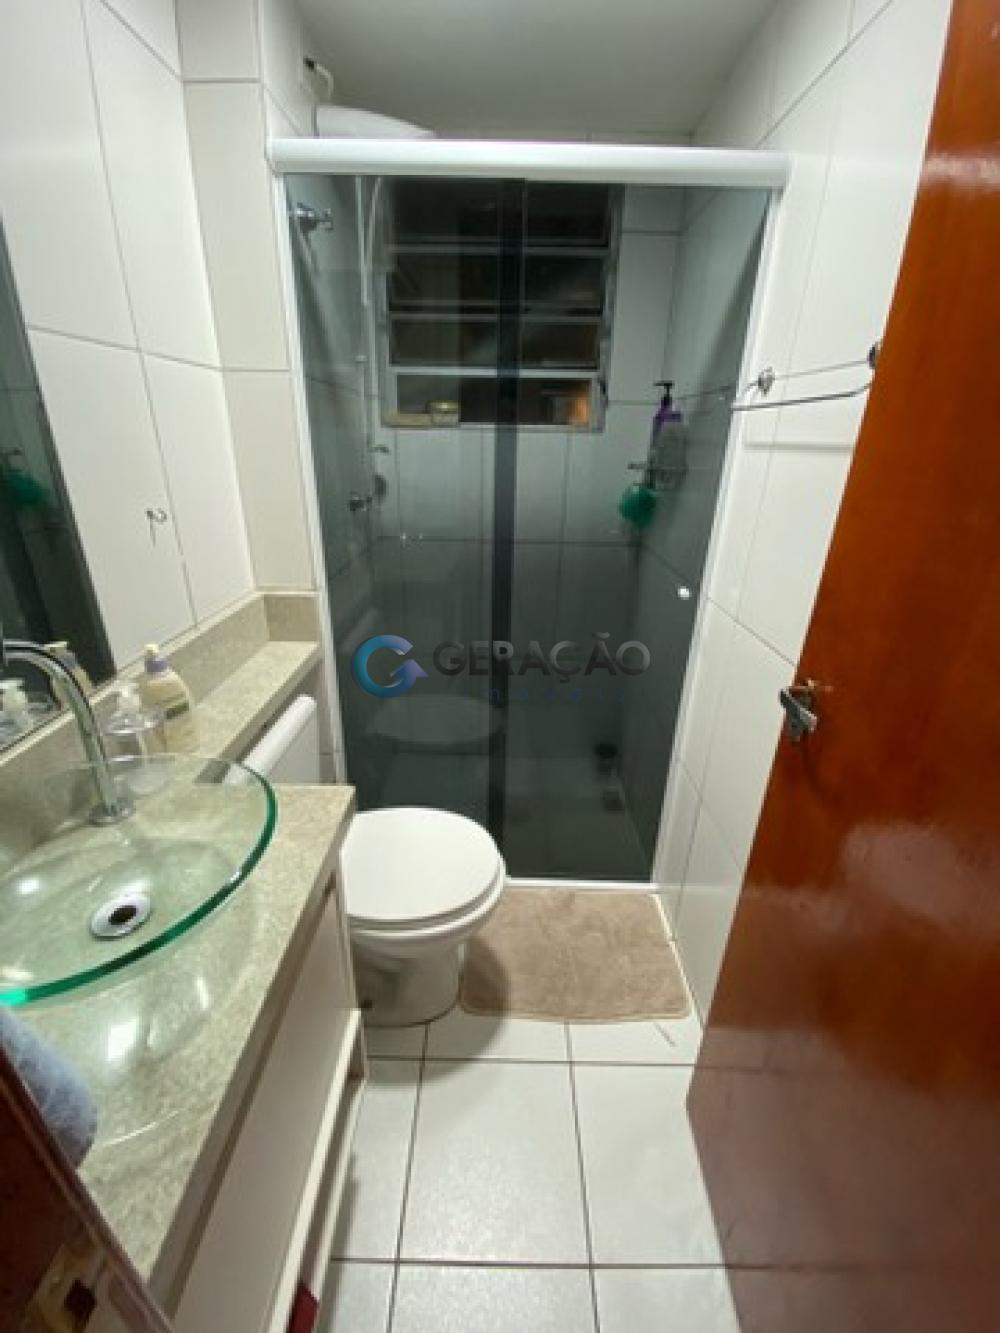 Comprar Apartamento / Padrão em São José dos Campos R$ 300.000,00 - Foto 15